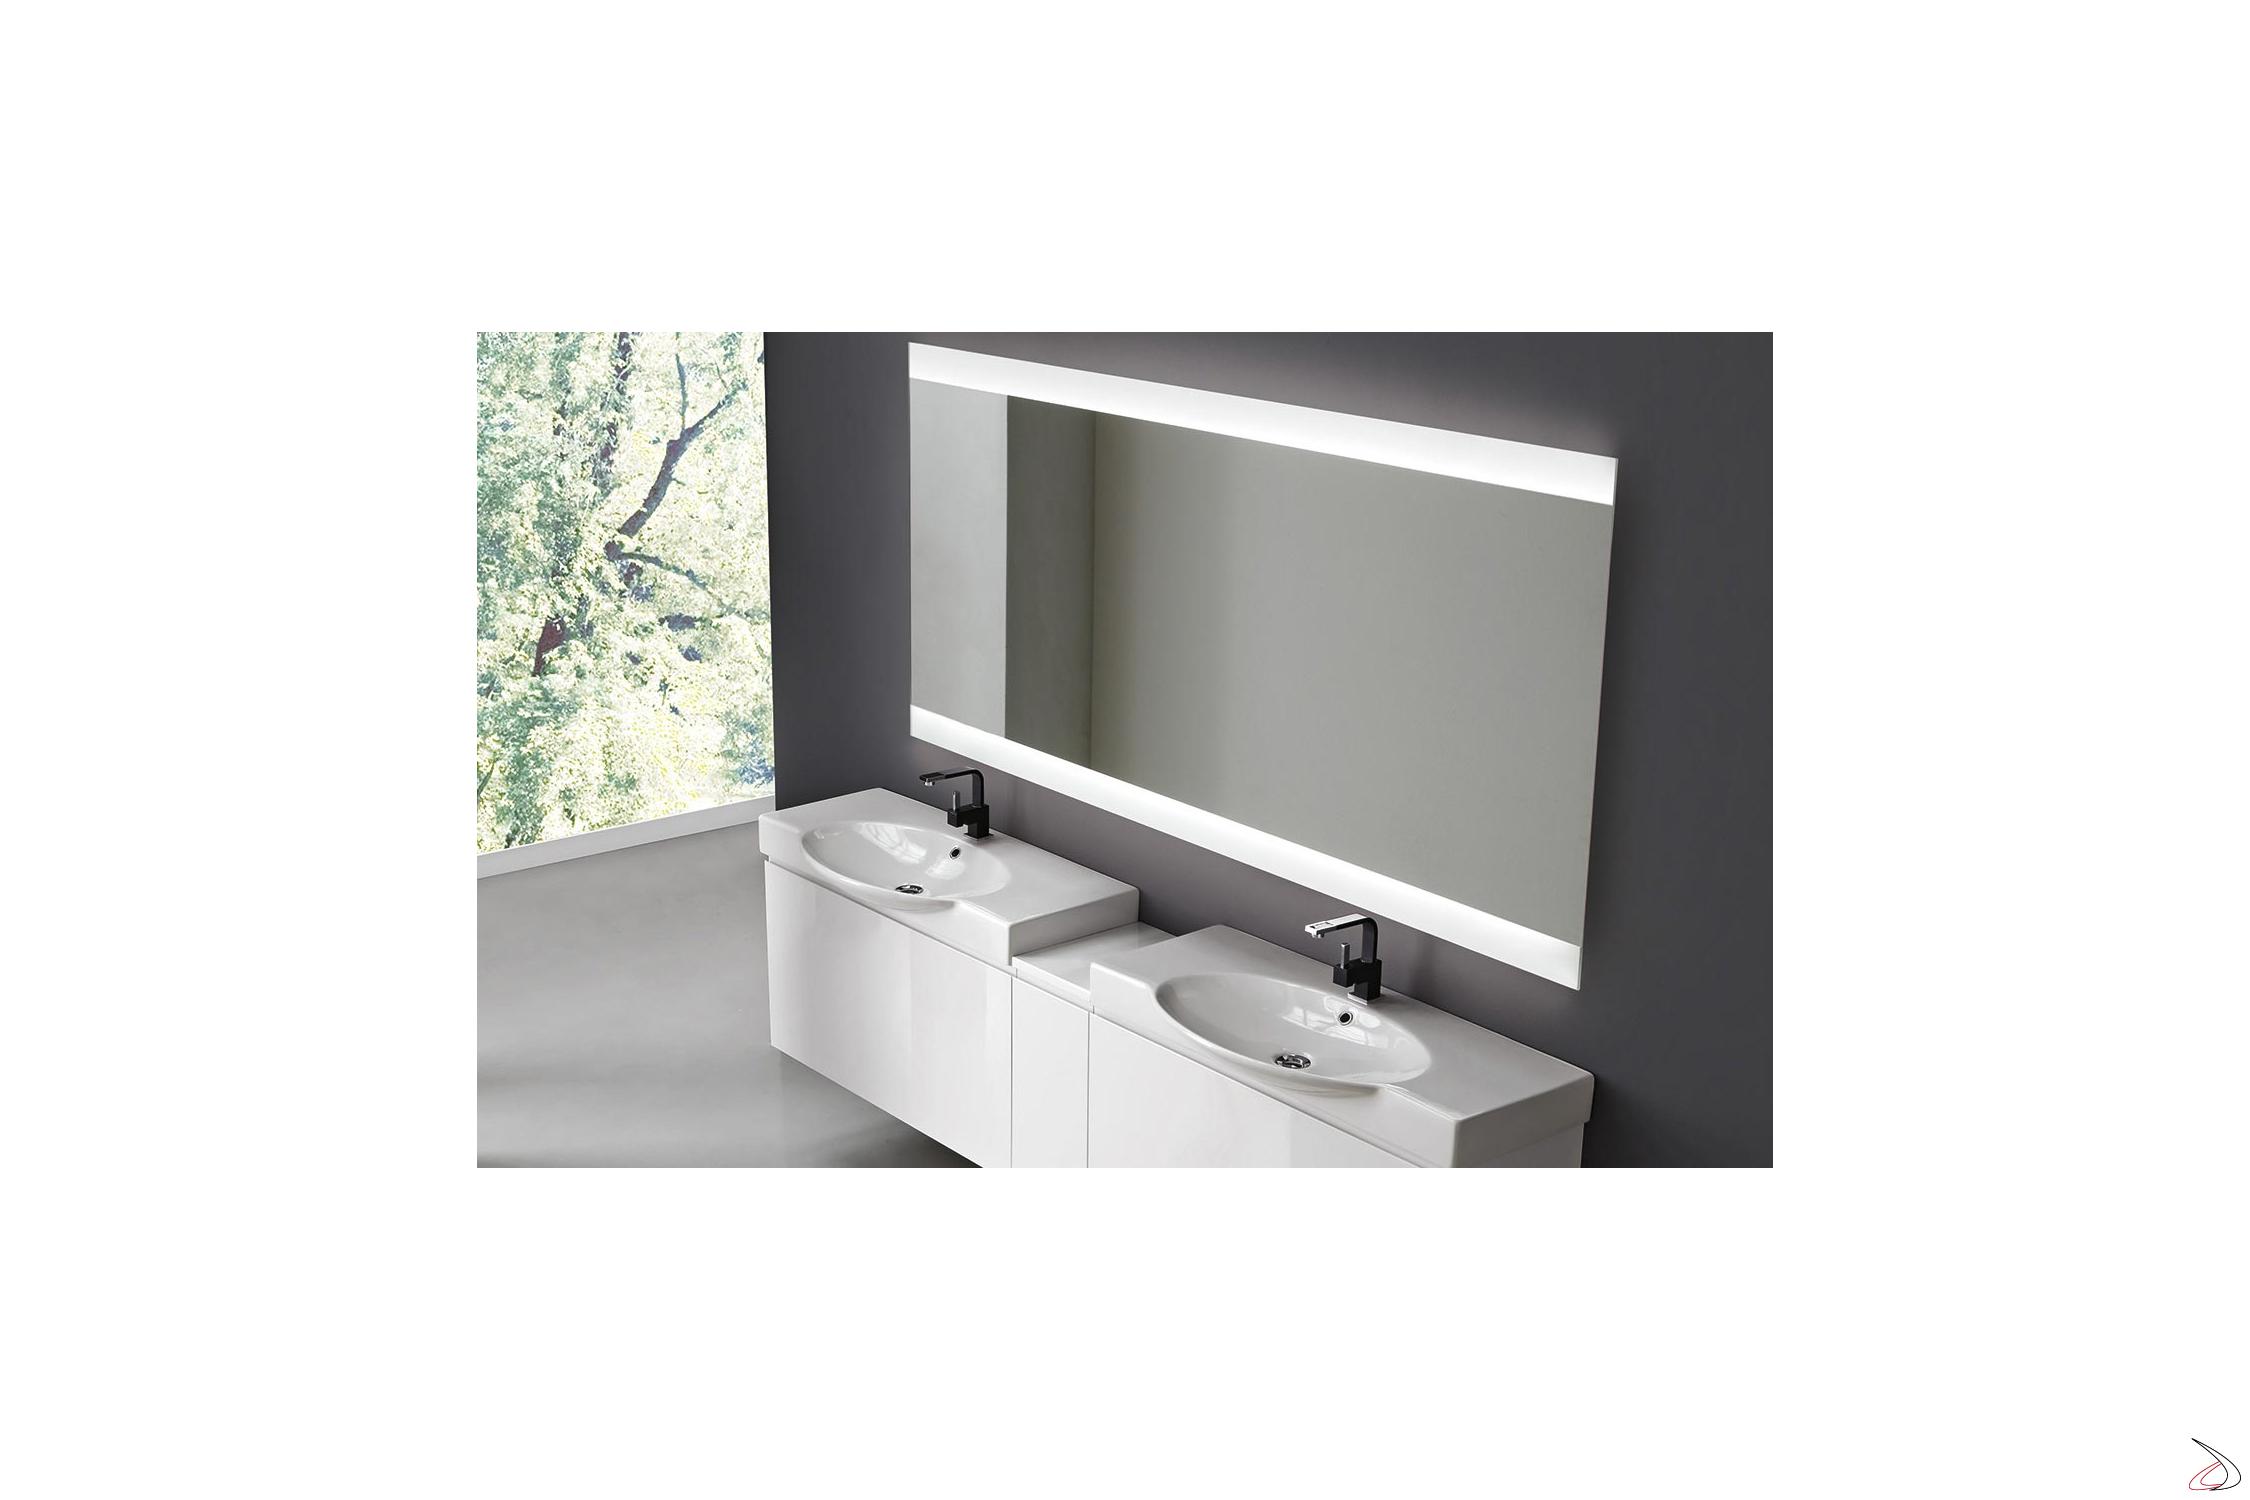 Specchio Bagno Retroilluminato Prezzi.Specchio Retroilluminato Con Cassa Vibrante Vela Toparredi